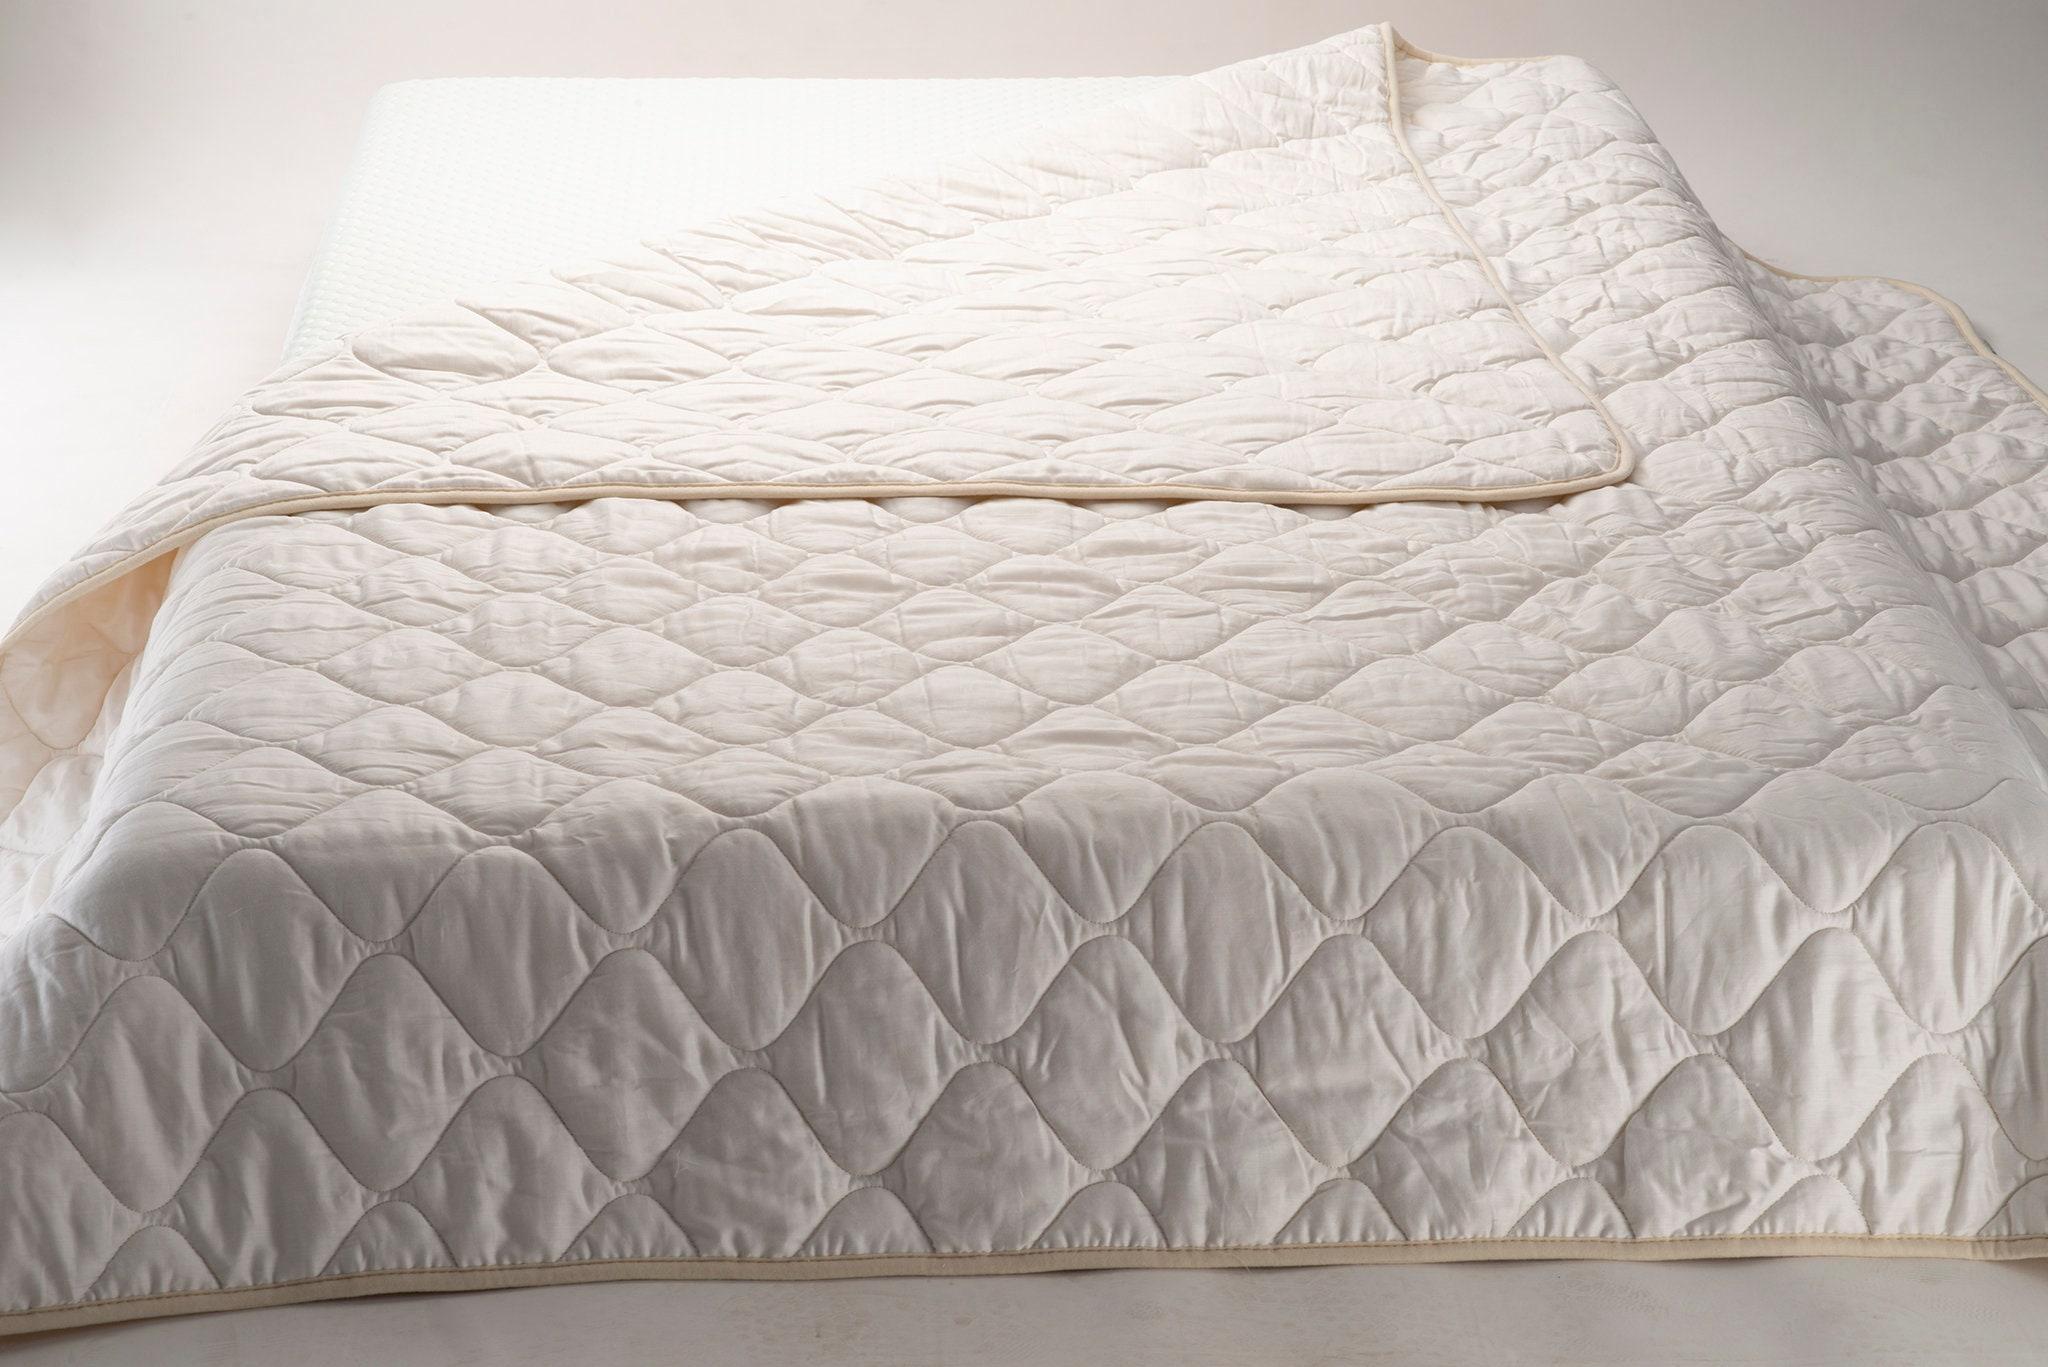 Housse de couette Queen, Couverture en laine Mérinos, Couverture en satin de coton, Couverture en laine blanche, Cadeau de literie